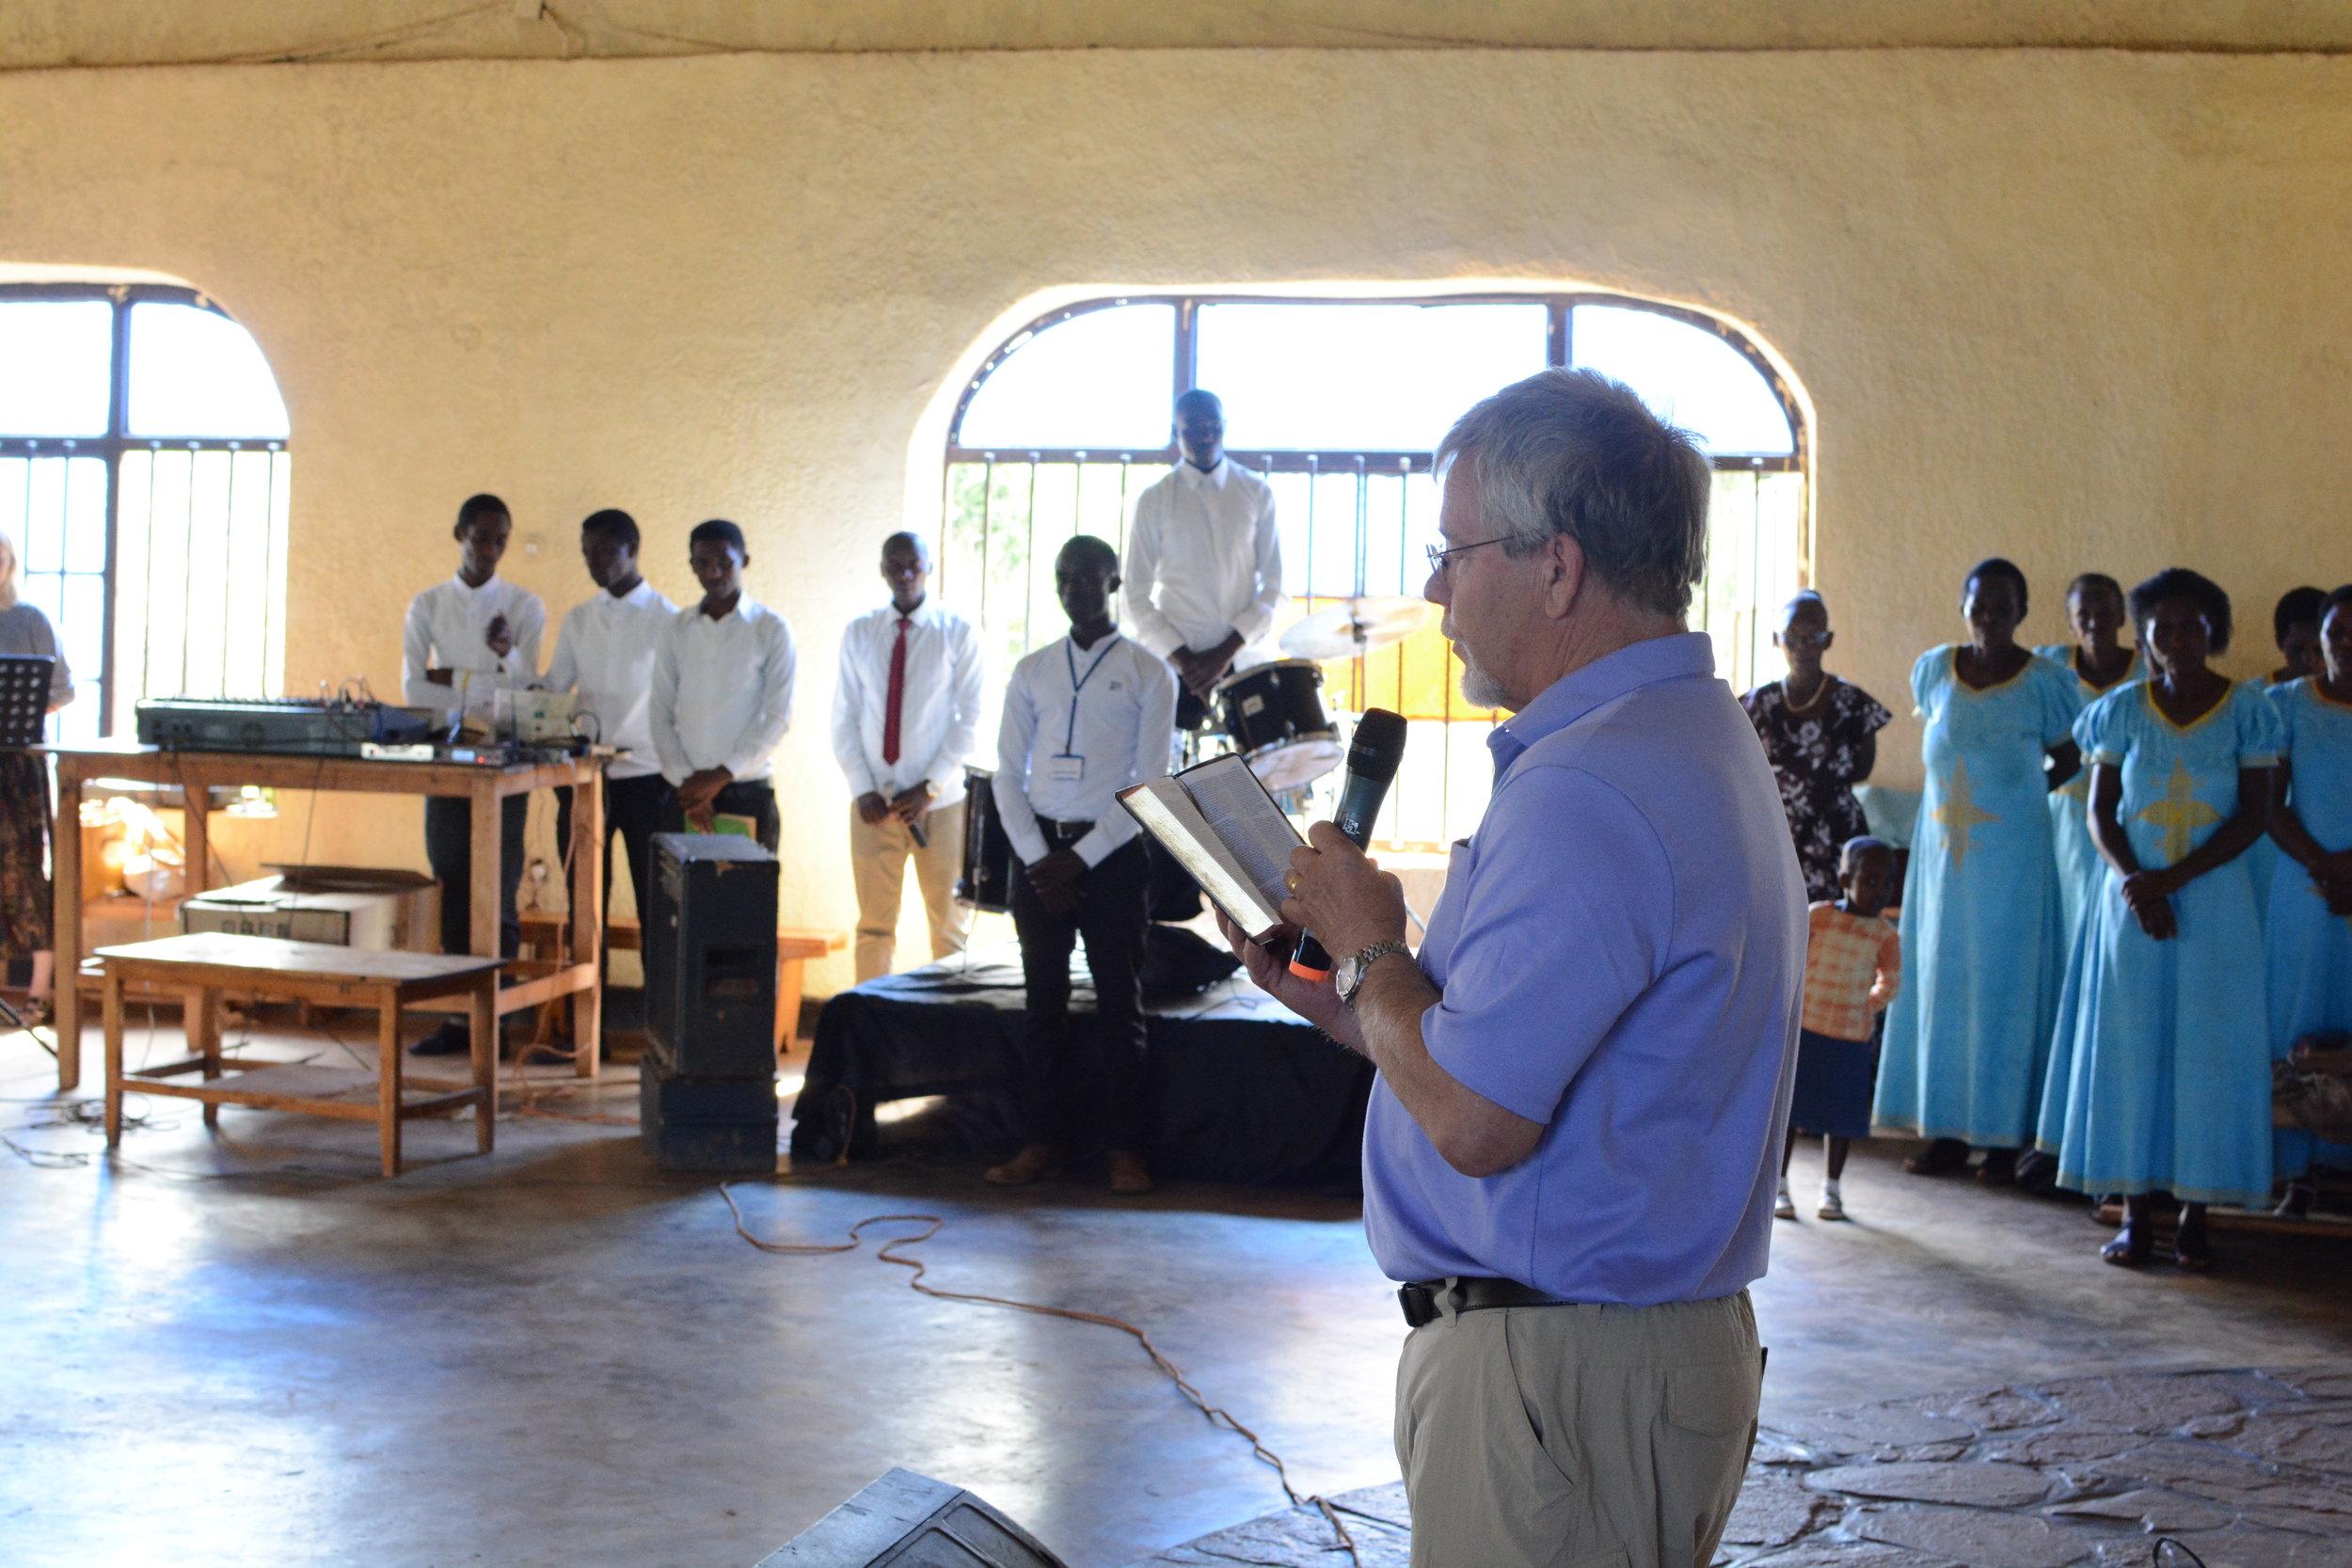 Steve Moon leading the opening prayer